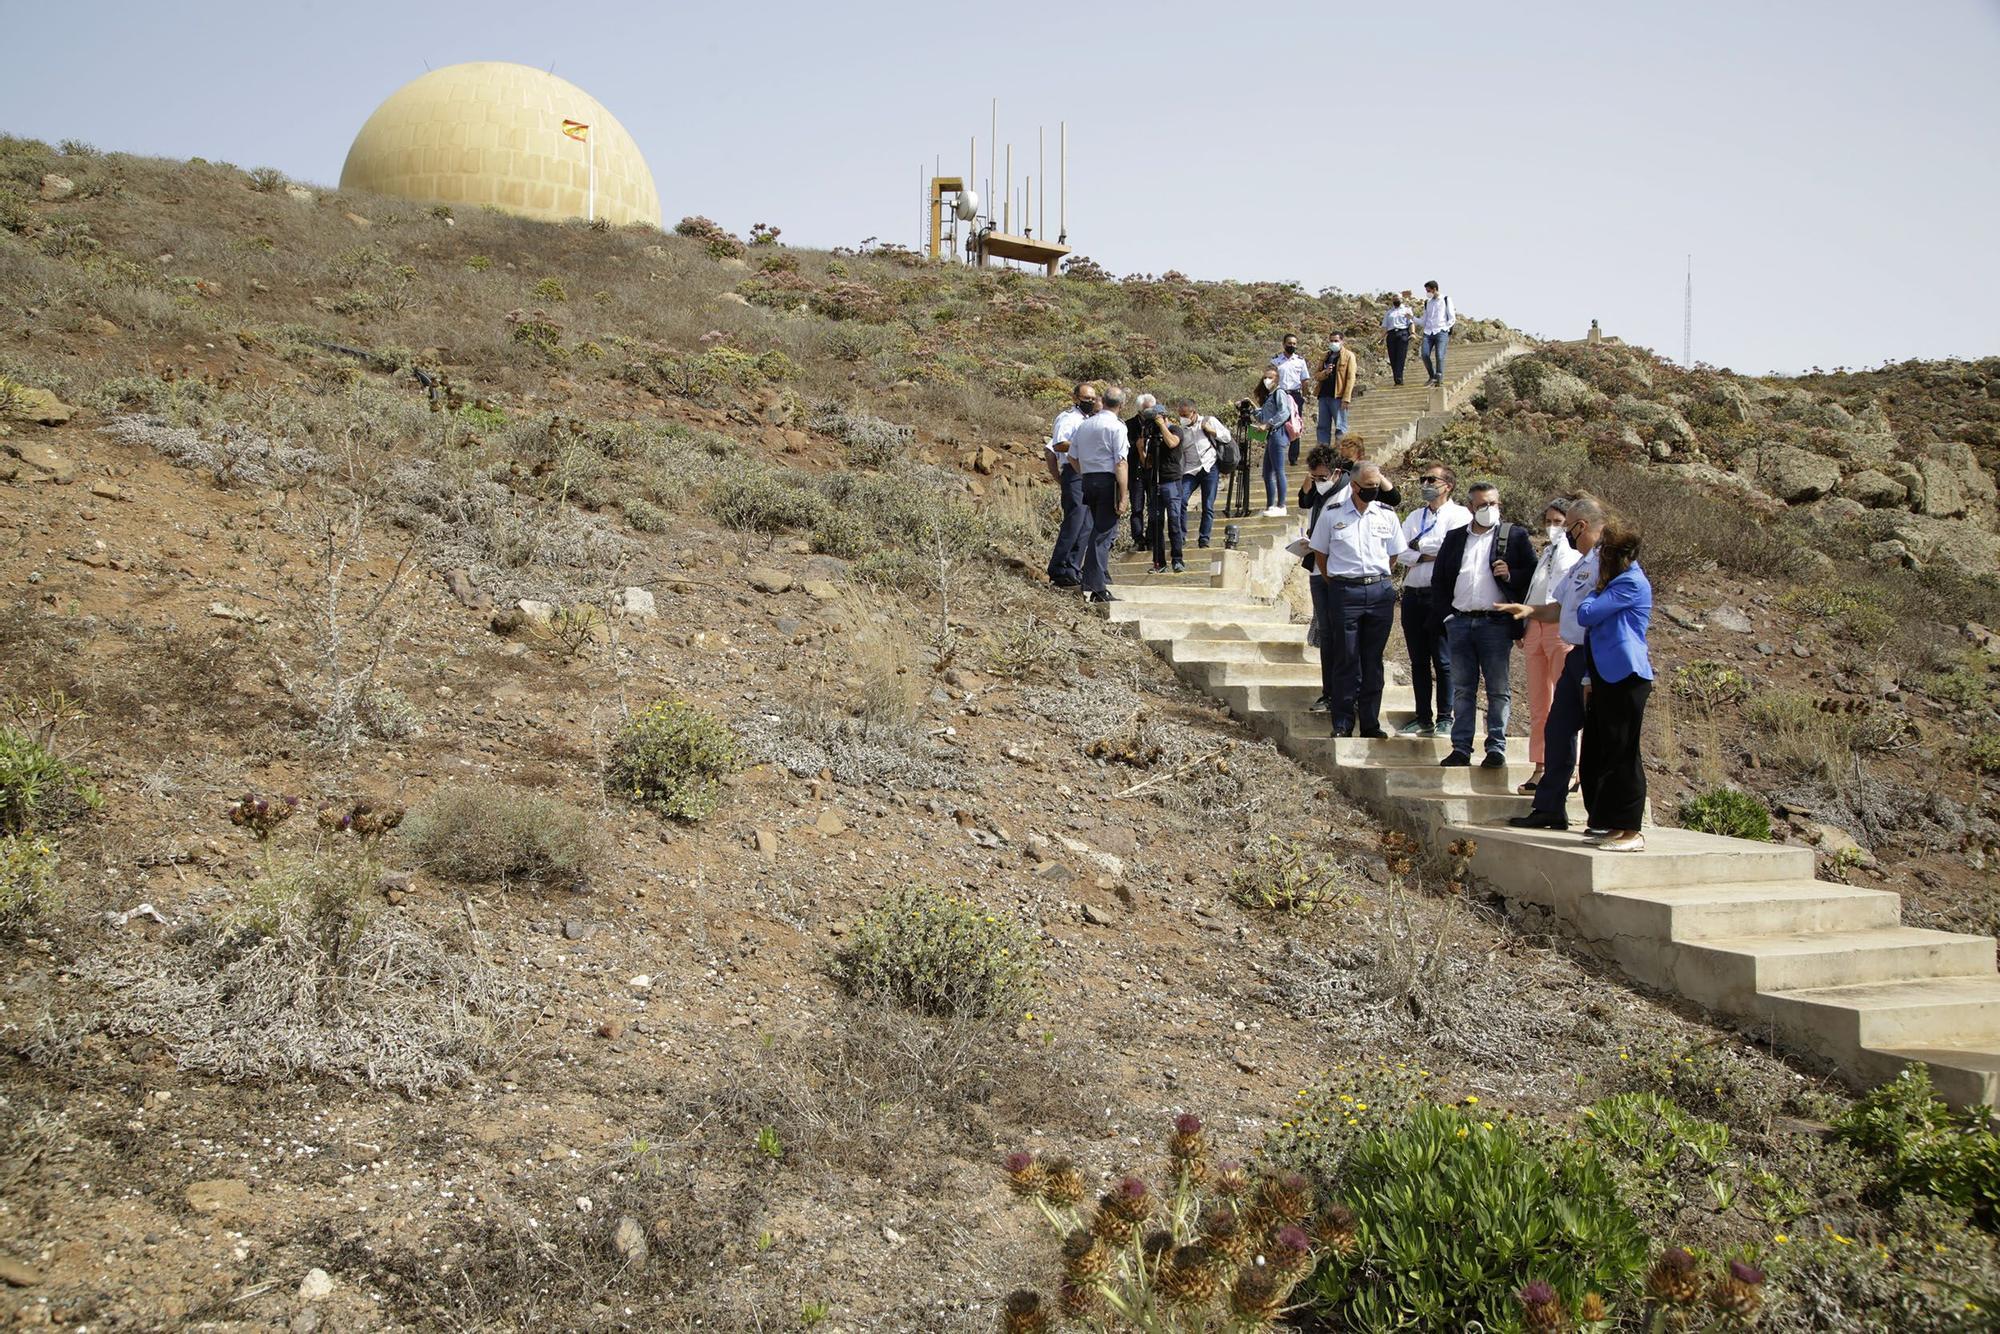 Convenio entre Gobierno canario y Defensa para ubicar un huerto de especies autóctonas en Famara